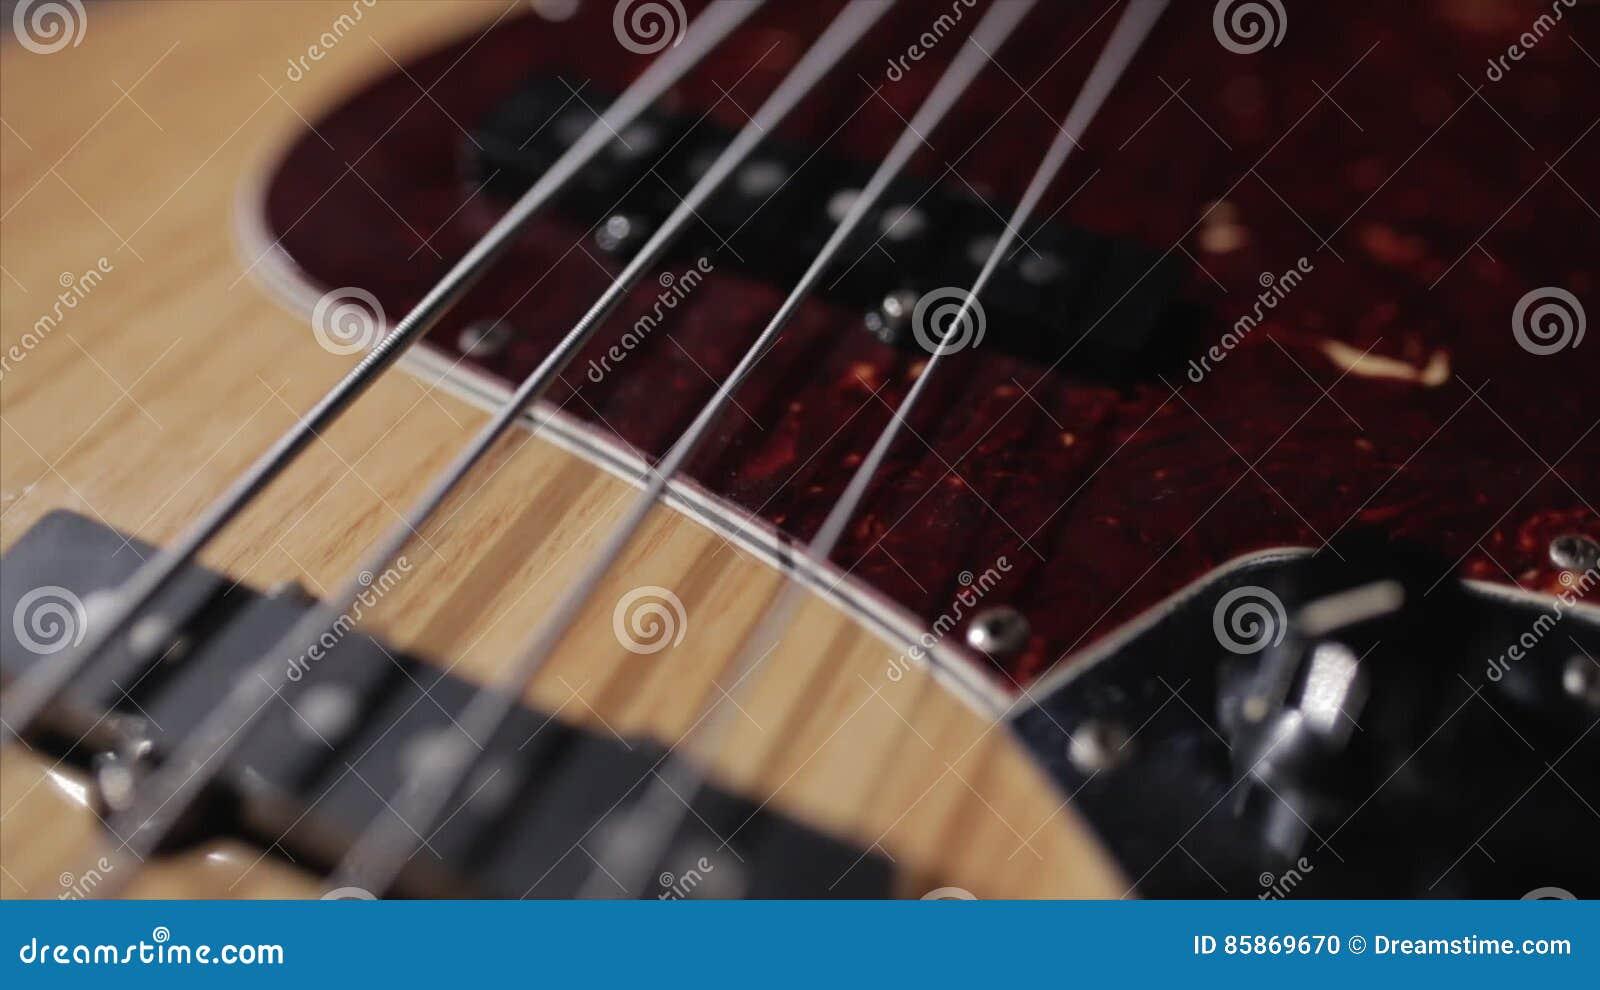 Musical Instrument  Equipment  Vintage Bass Guitar  Wooden